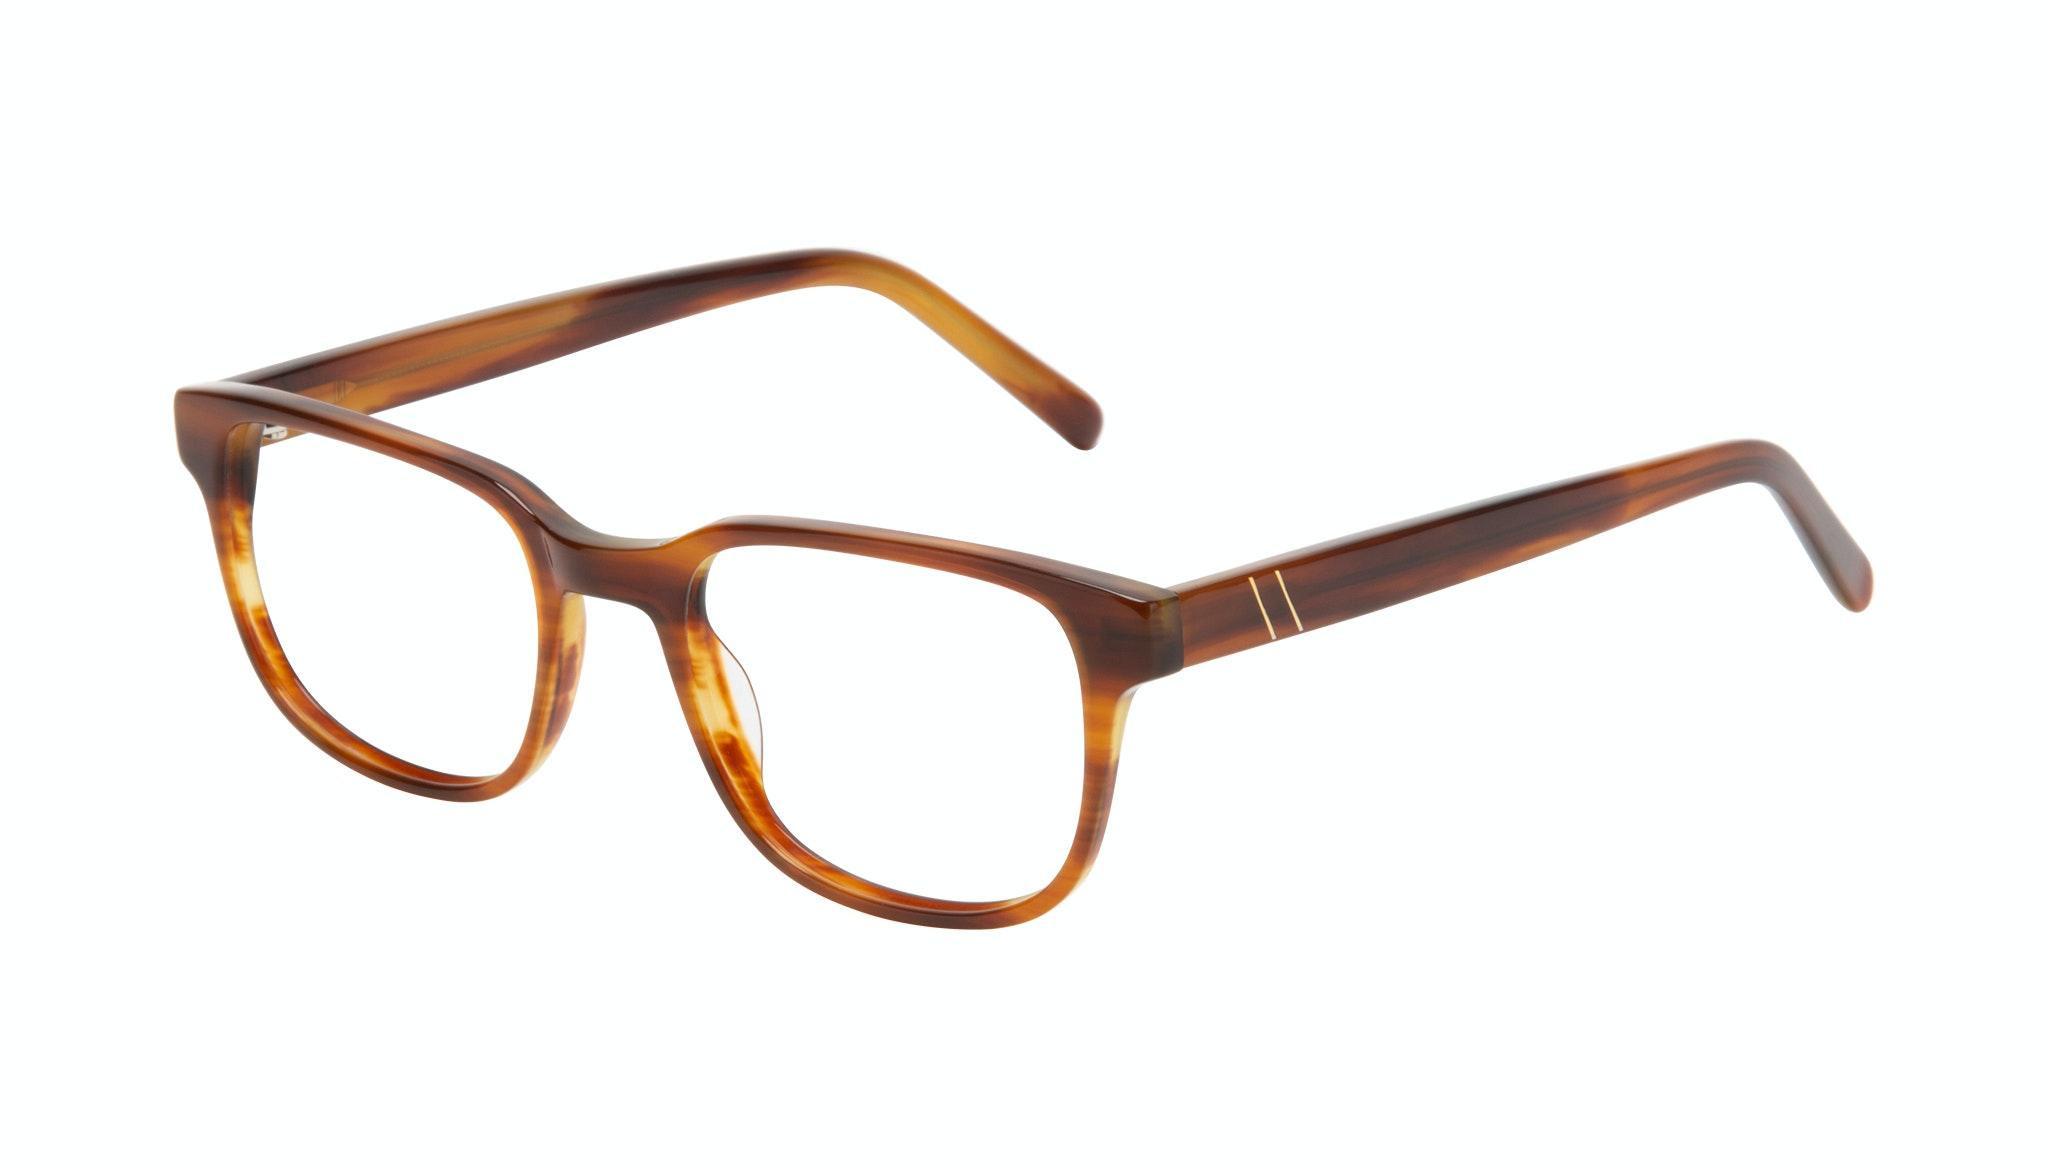 Affordable Fashion Glasses Square Eyeglasses Men Role Havana Tilt